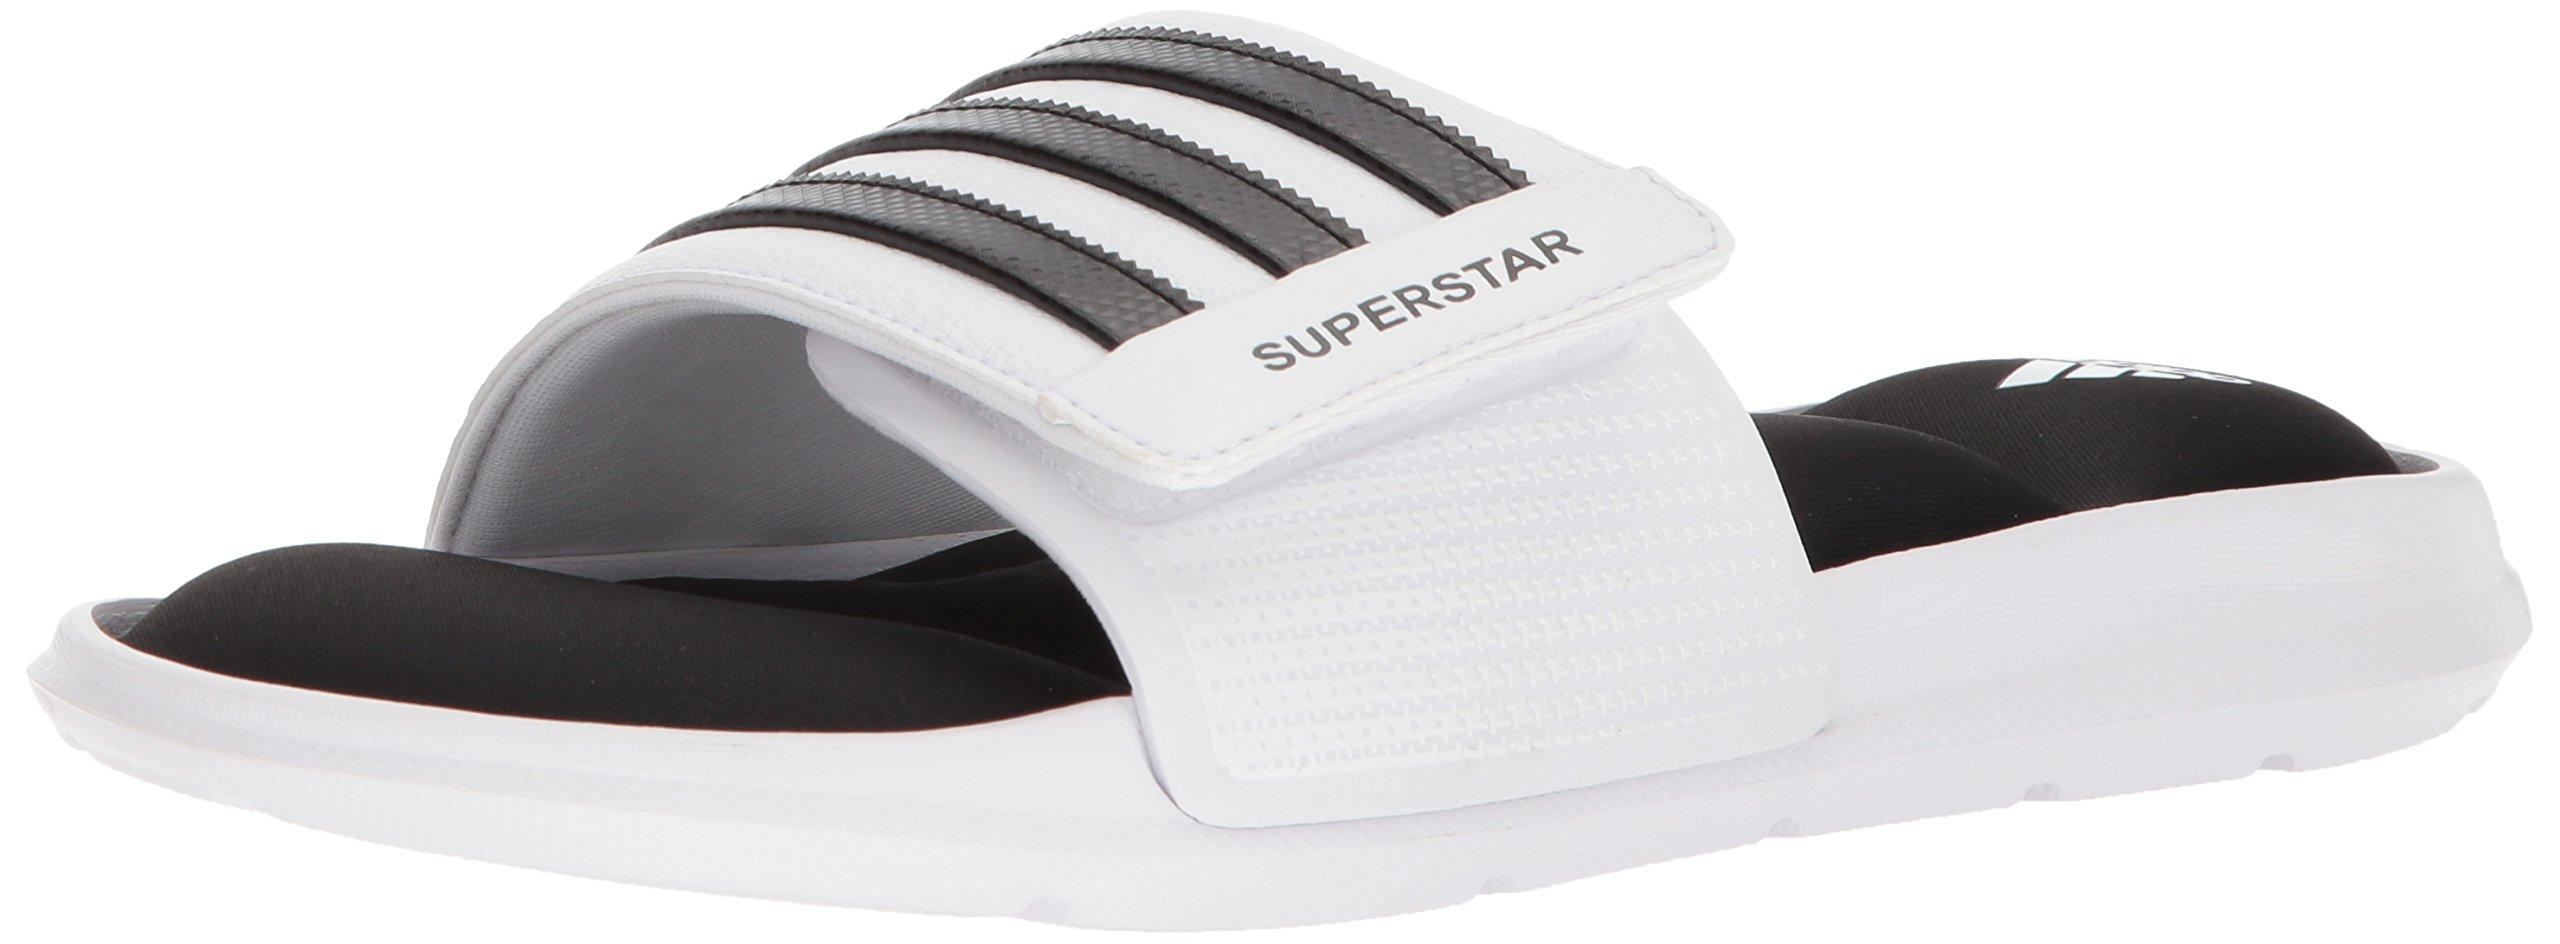 adidas Men's Superstar Slide Sandal, White/Black/White, 12 M US